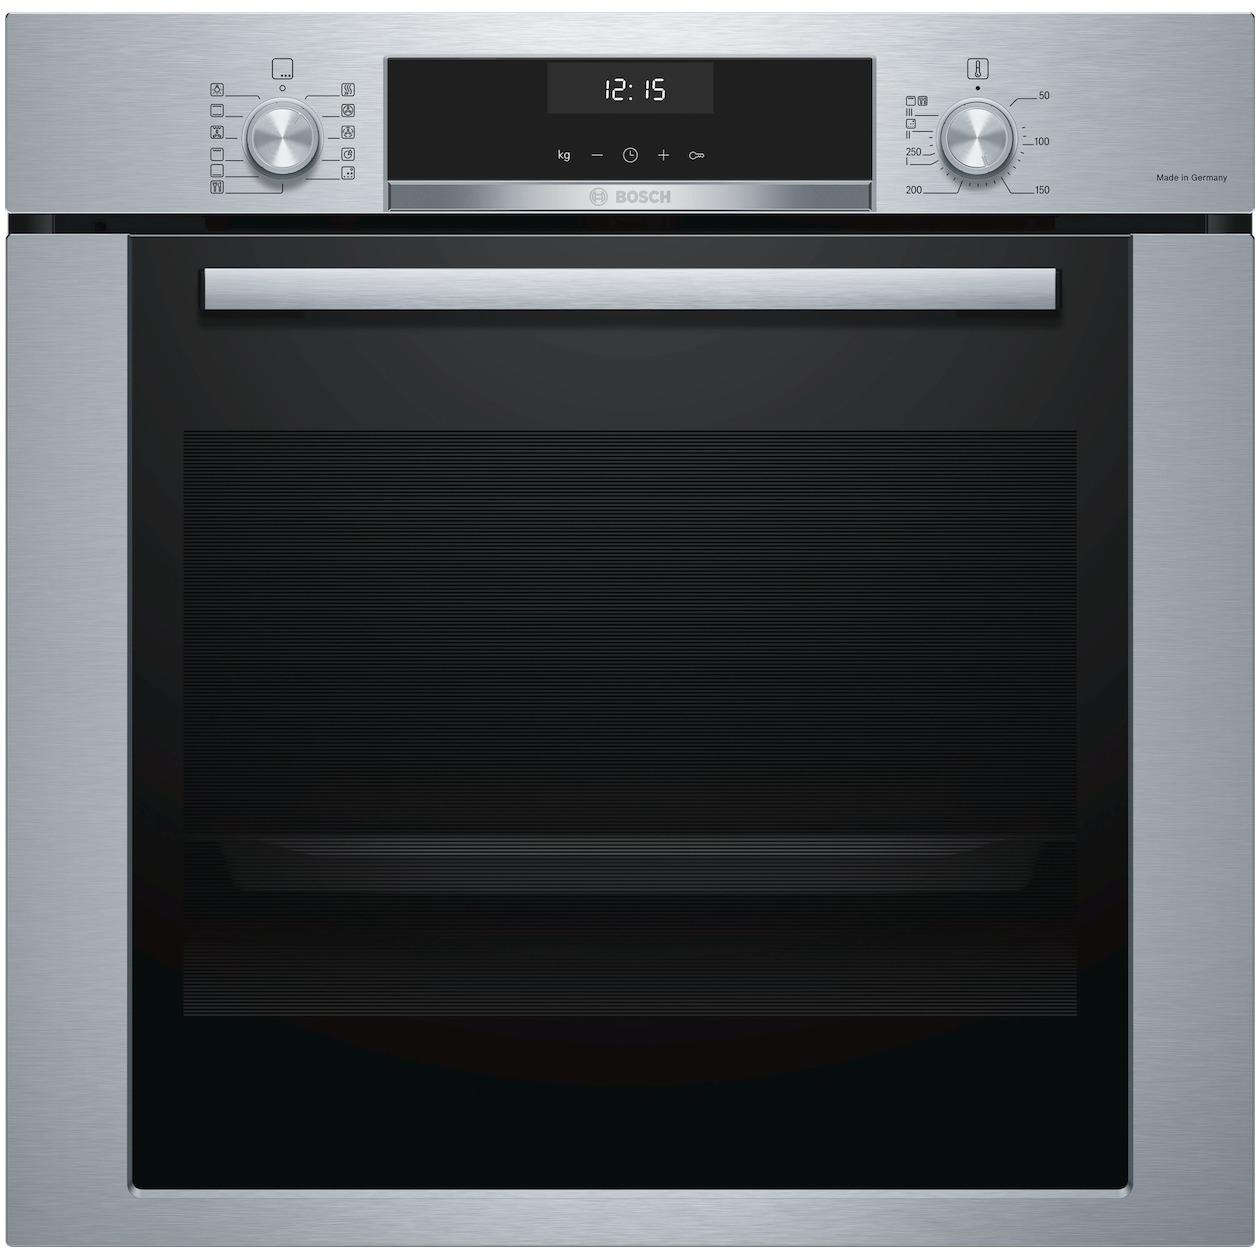 Bosch inbouw oven HBG3570S0